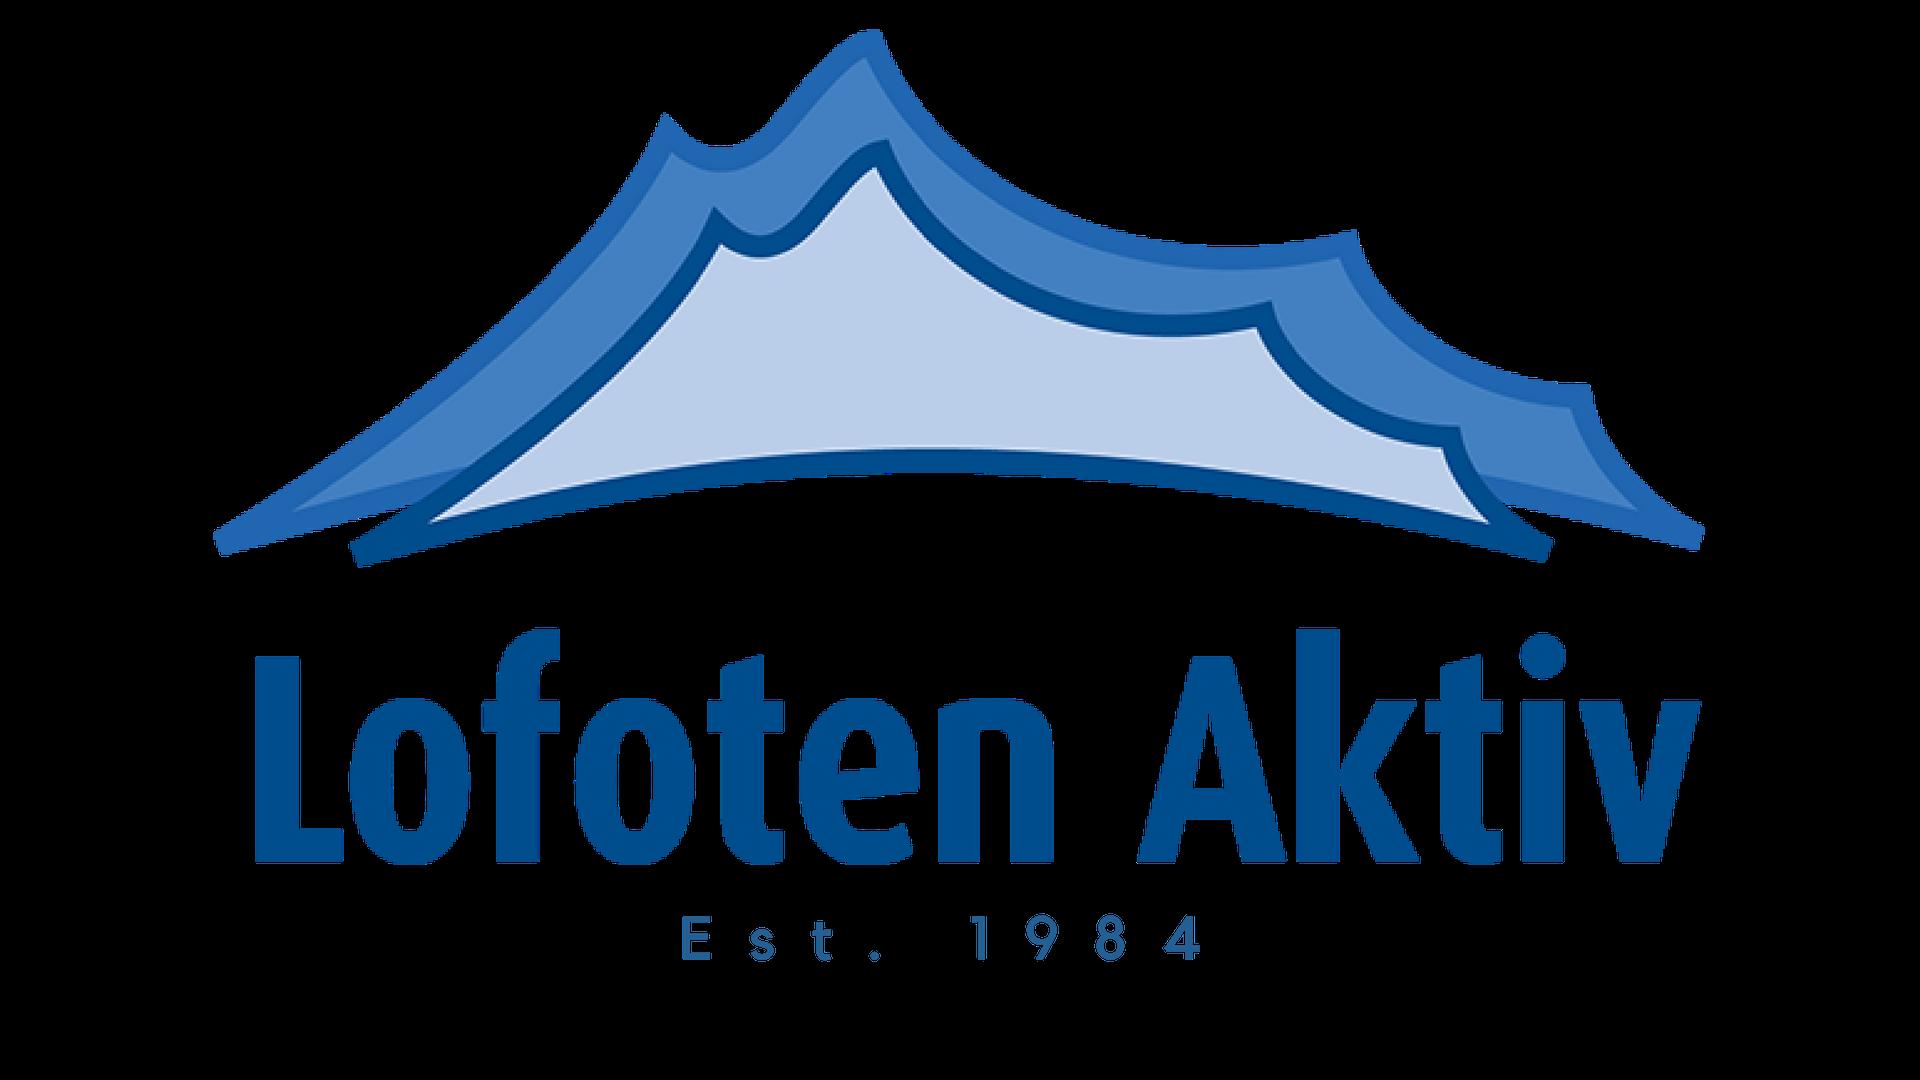 Lofoten Aktiv's logo.